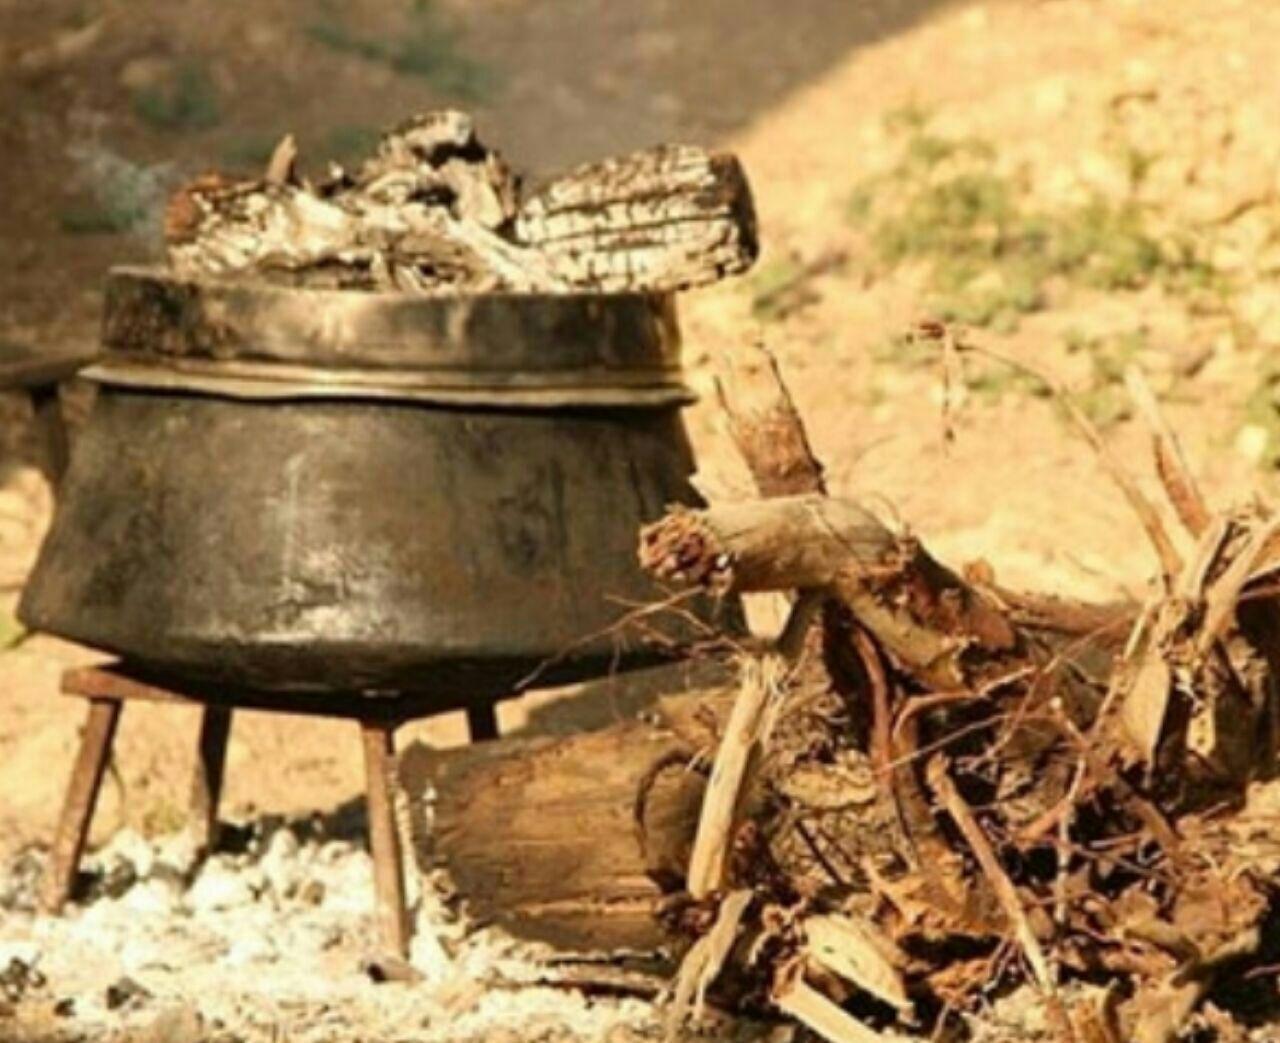 اقامتگاه بومگردی عشایری بوم کلبه کهکران